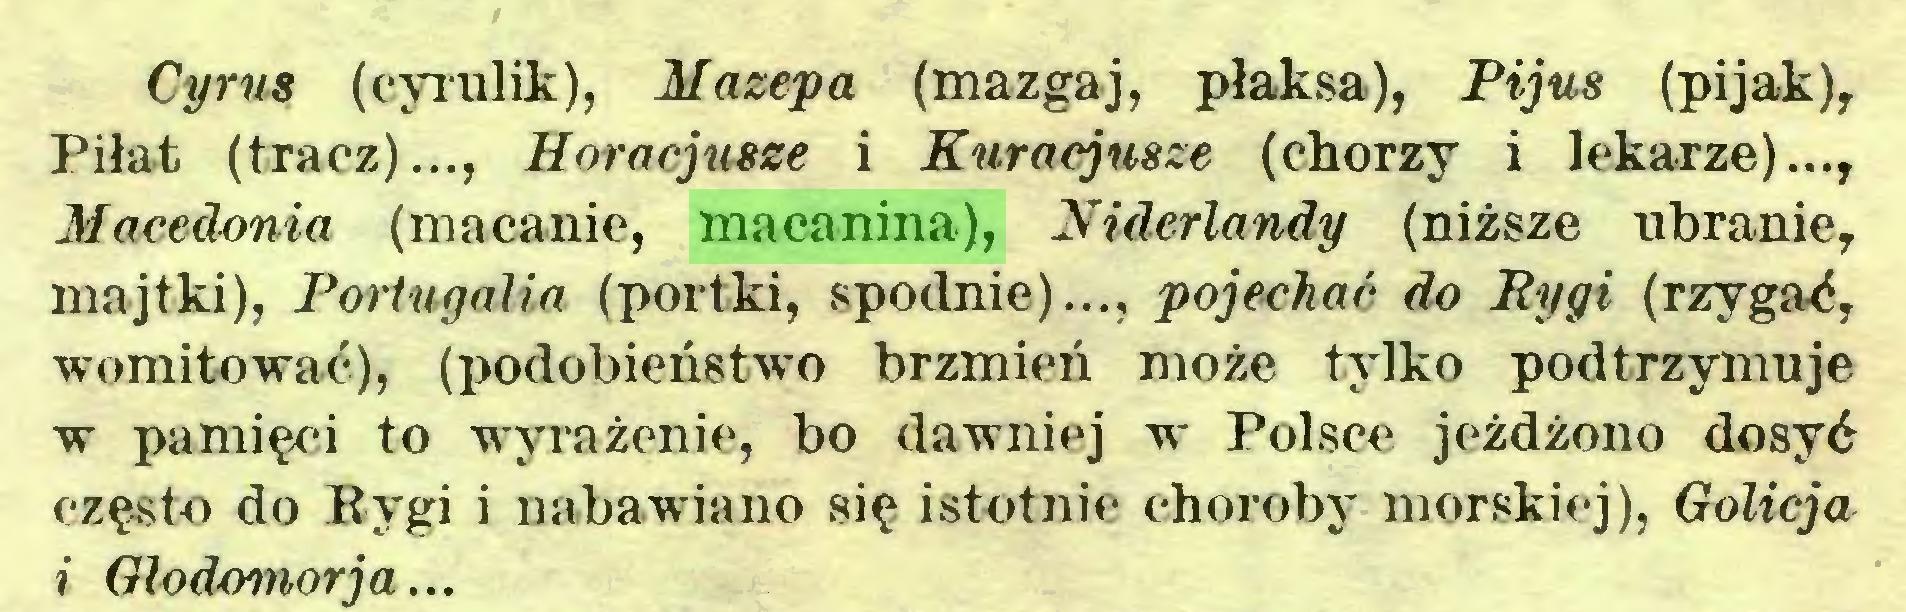 (...) Cyru8 (cyrulik), Mazepa (mazgaj, płaksa), Pijus (pijak), Piłat (tracz)..., Horacjusze i Kuracjusze (chorzy i lekarze)..., Macedonia (macanie, macanina), Niderlandy (niższe ubranie, majtki), Portugalia (portki, spodnie)..., pojechać do Kygi (rzygać, womitować), (podobieństwo brzmień może tylko podtrzymuje w pamięci to wyrażenie, bo dawniej w Polsce jeżdżono dosyć często do Rygi i nabawiano się istotnie choroby morskiej), Golicja i Glodomorja...